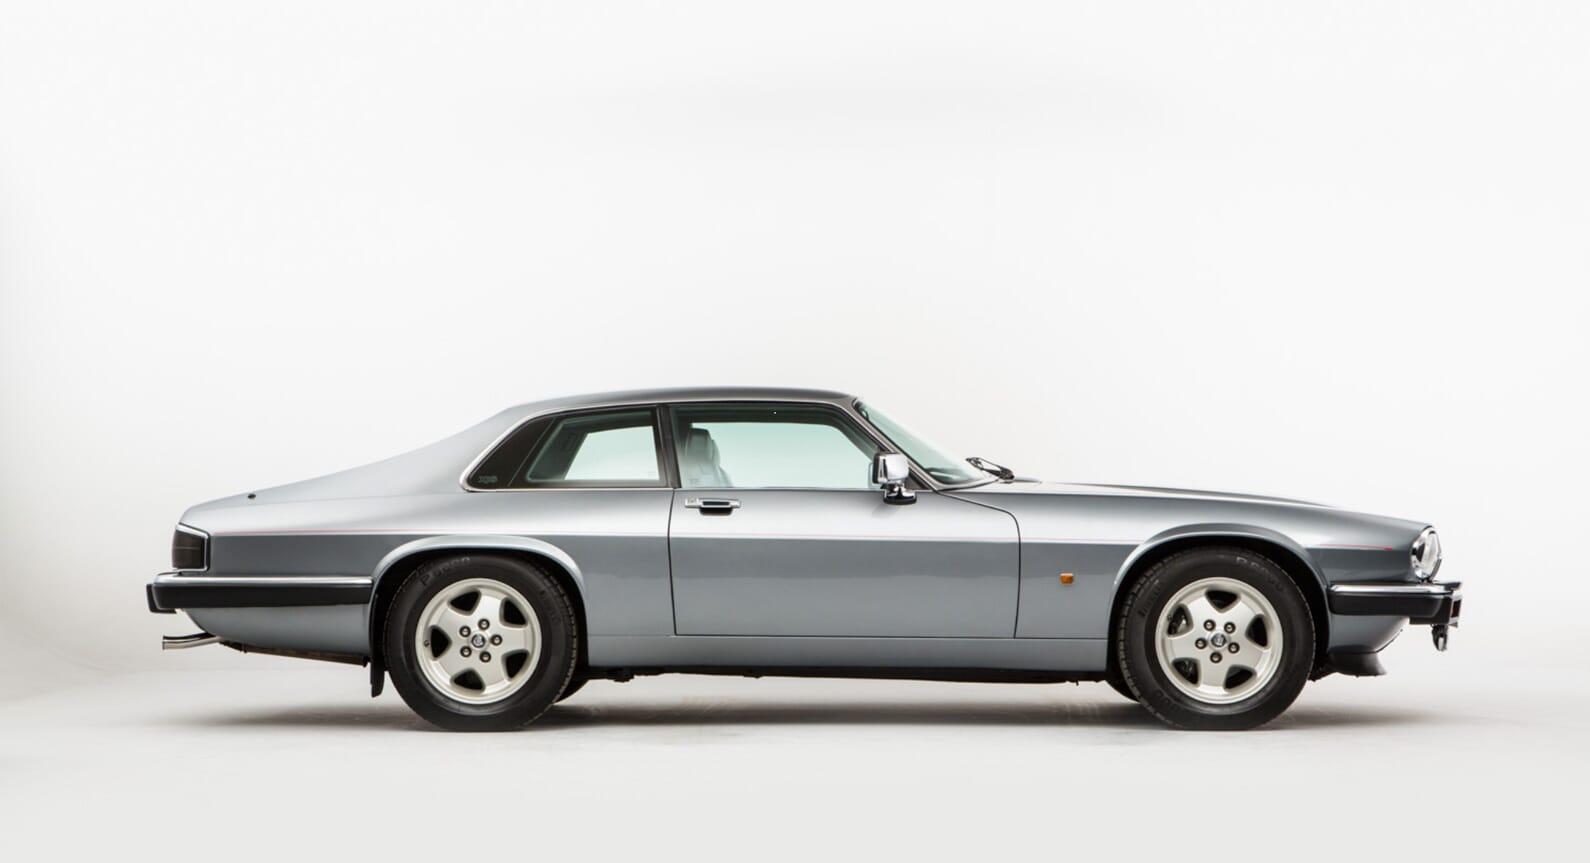 The 3 Ways This Jaguar XJS Can Enhance Your Life